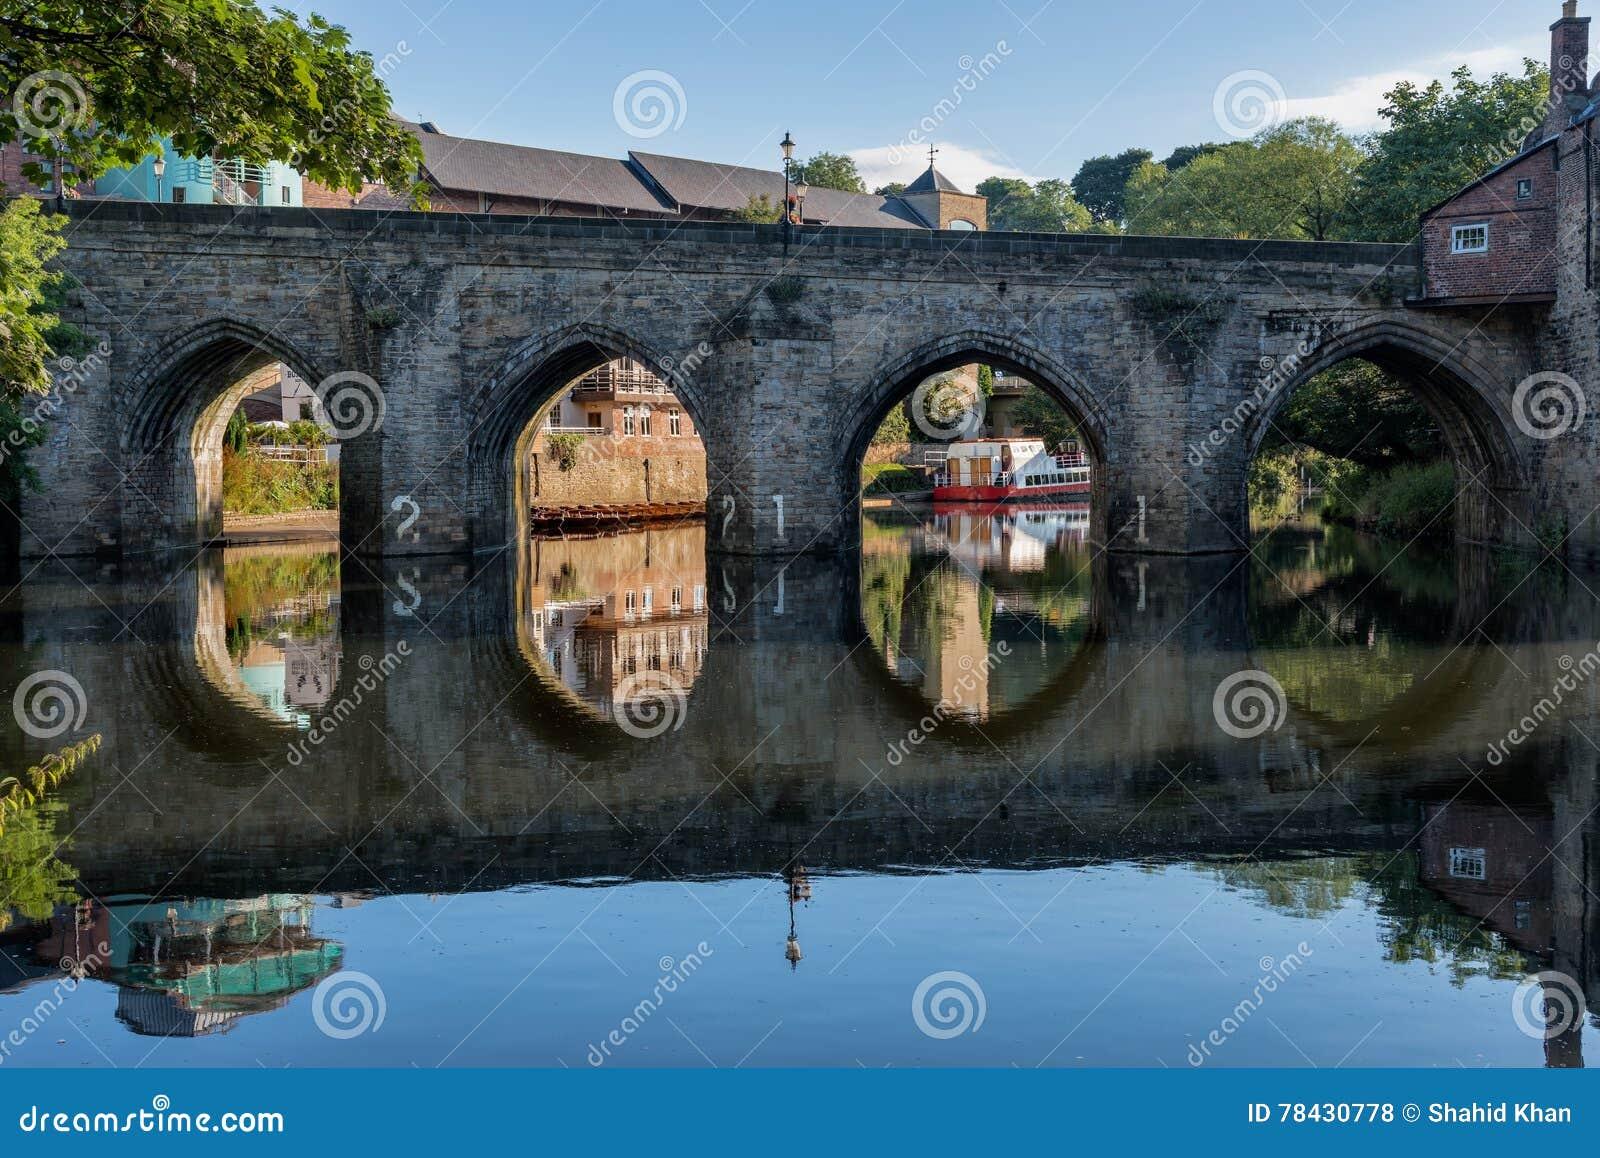 Durham England Uk Stock Photo Image Of Sandstone Facade 78430778